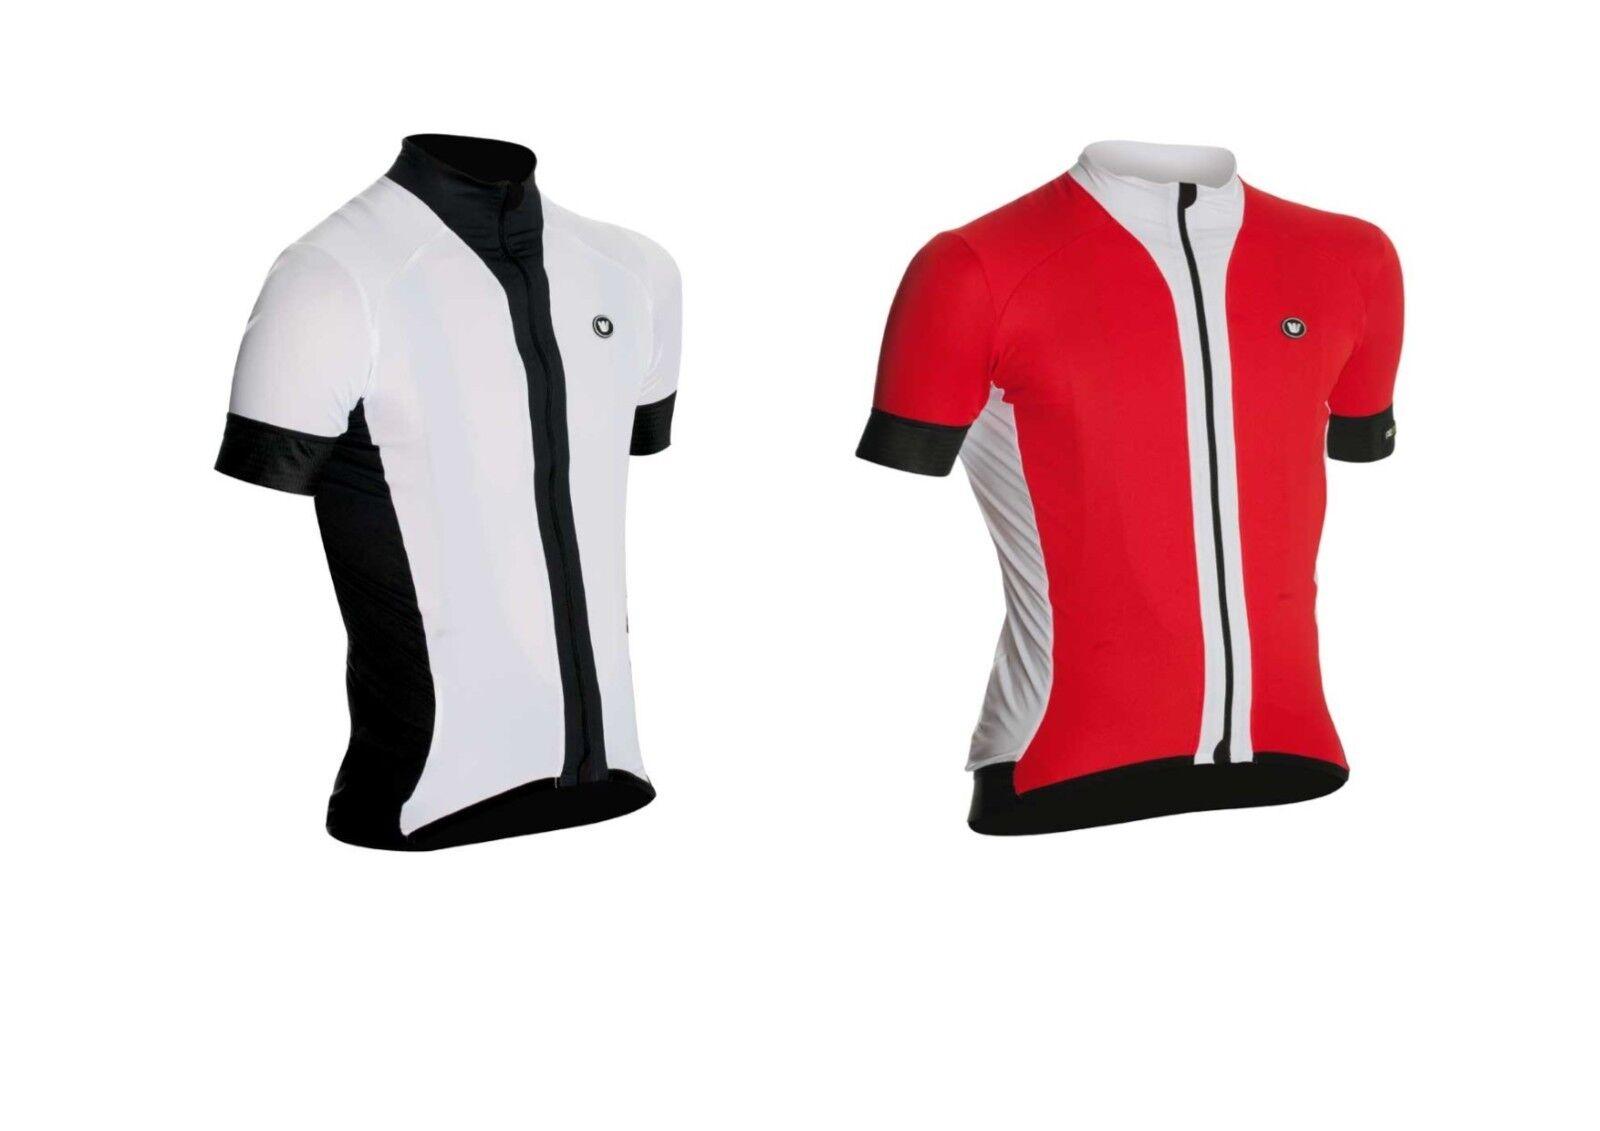 Vermarc Para hombres Mangas Cortas PRIMA Ciclismo Camiseta  rojo y blancoo L-XXL  compras online de deportes